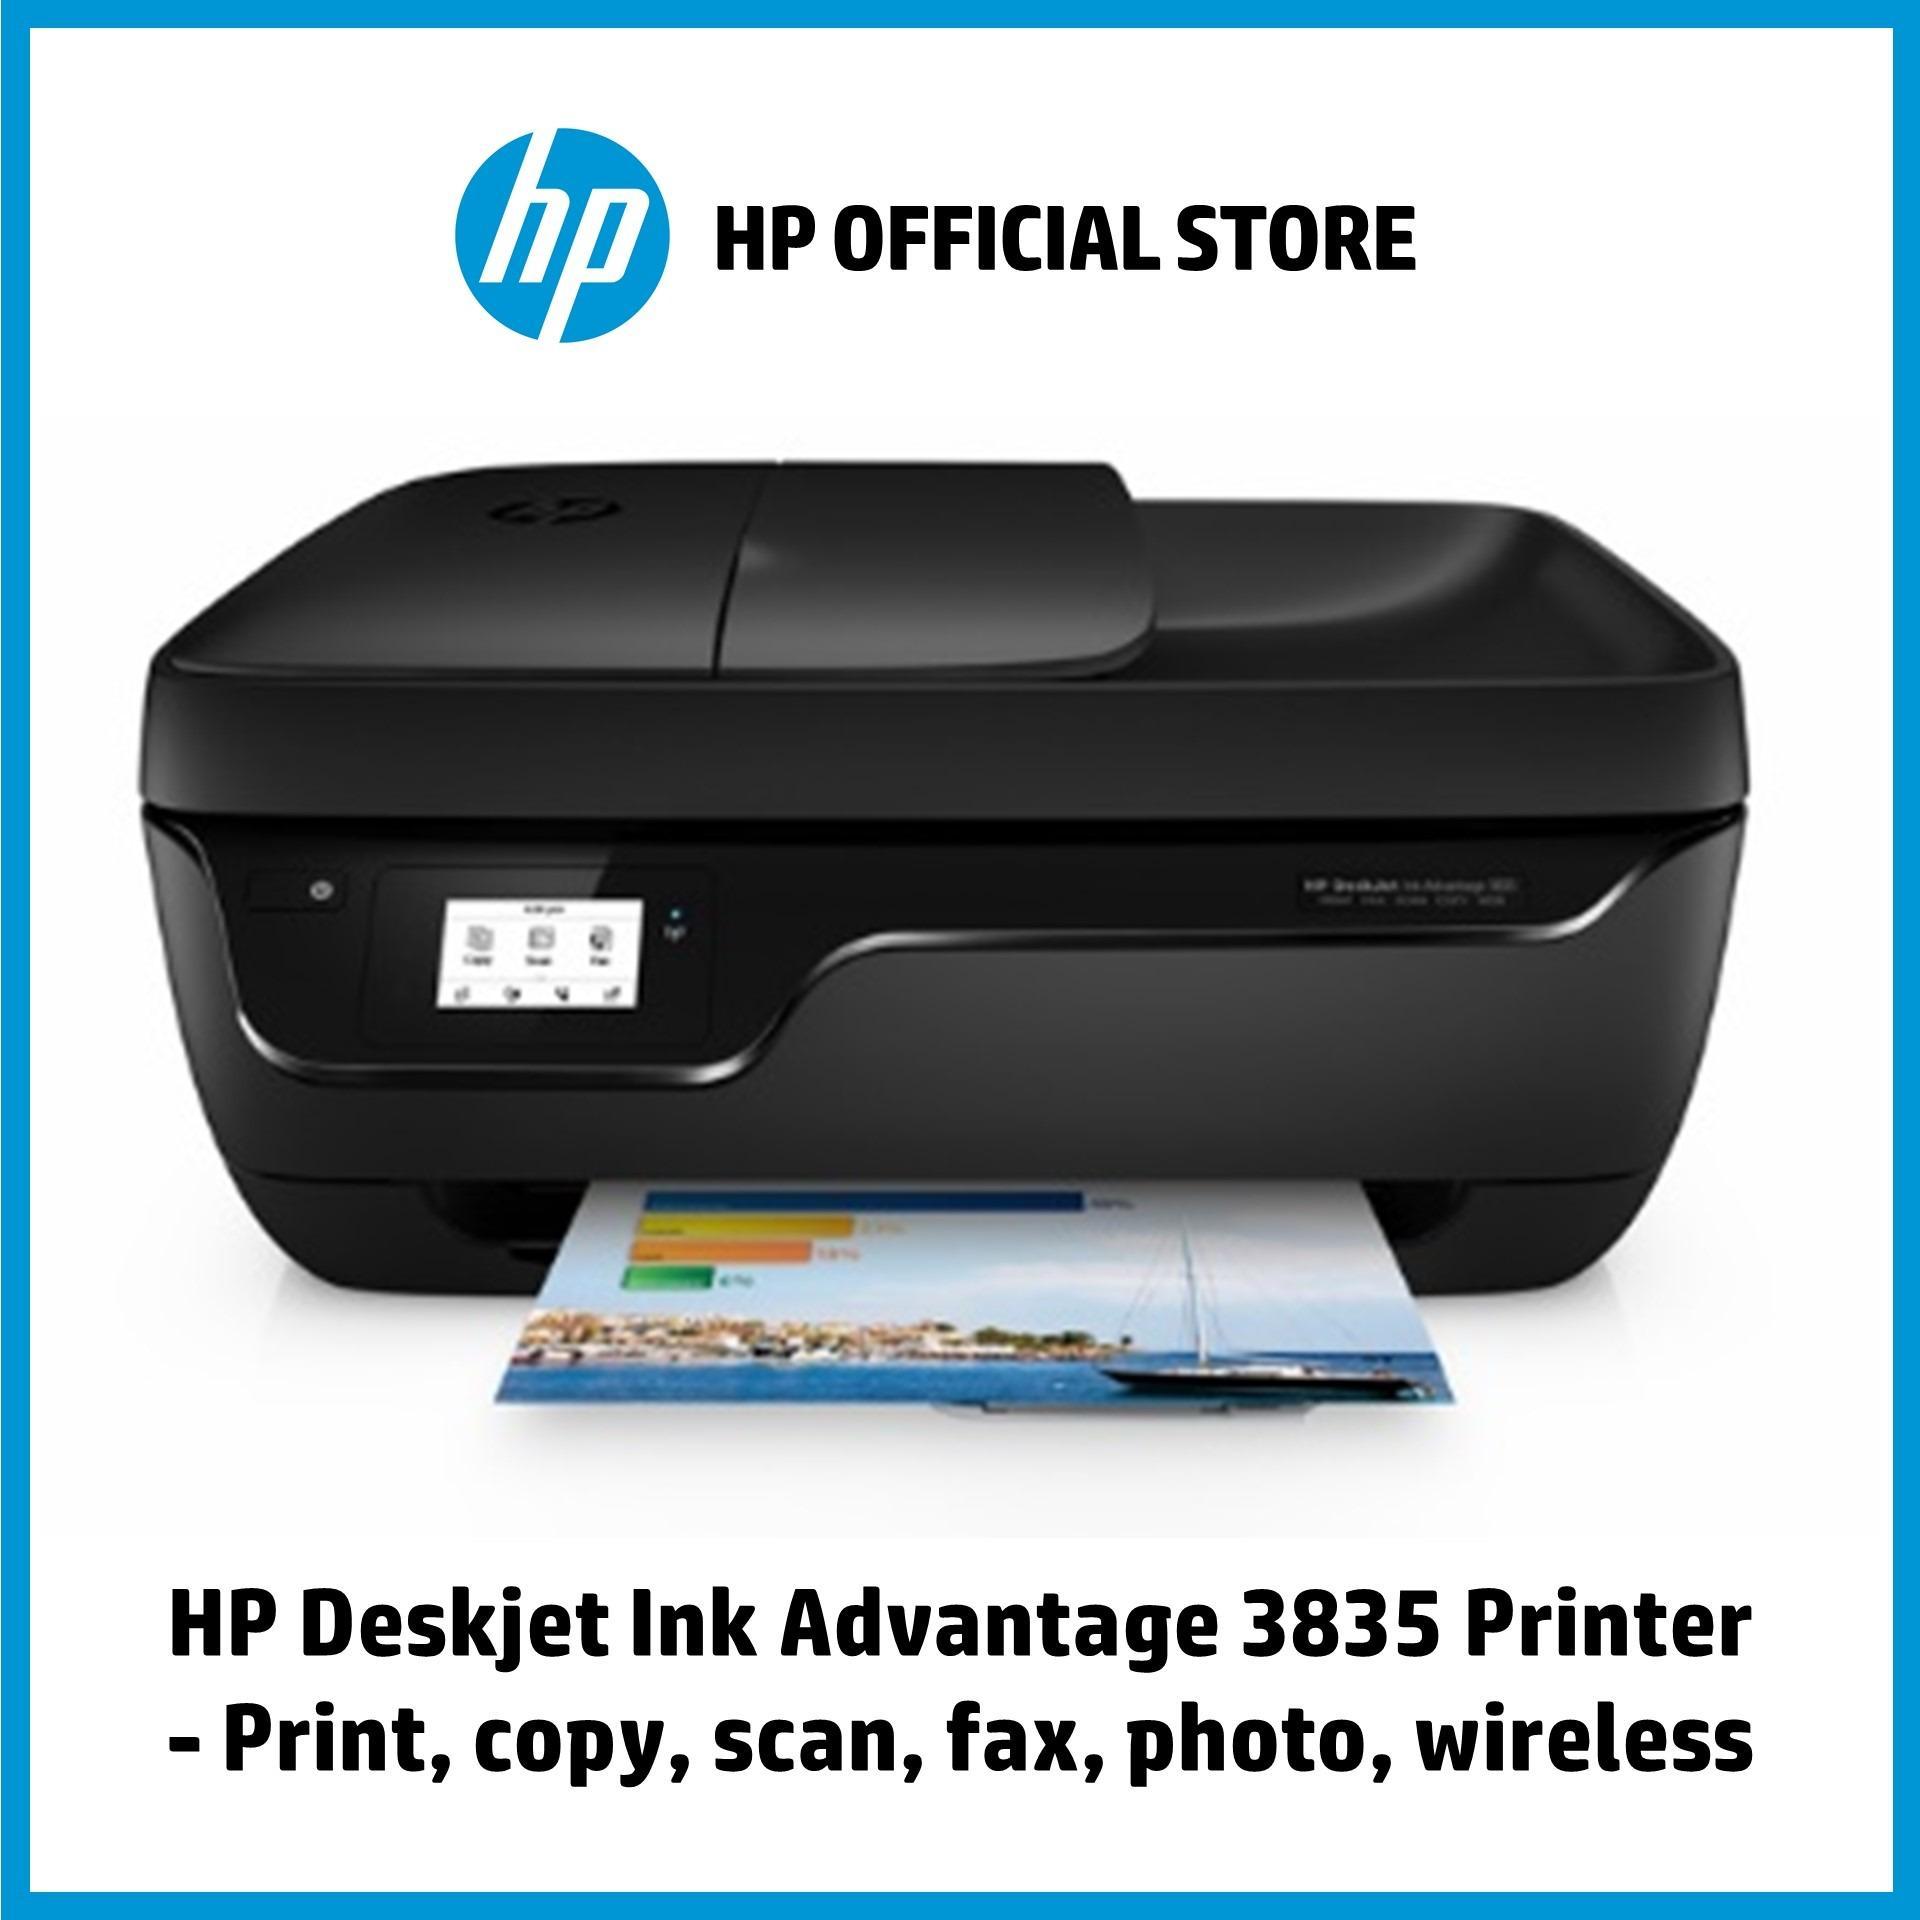 HP Deskjet Ink Advantage 3835 Printer - Print, copy, scan, fax, photo,  wireless